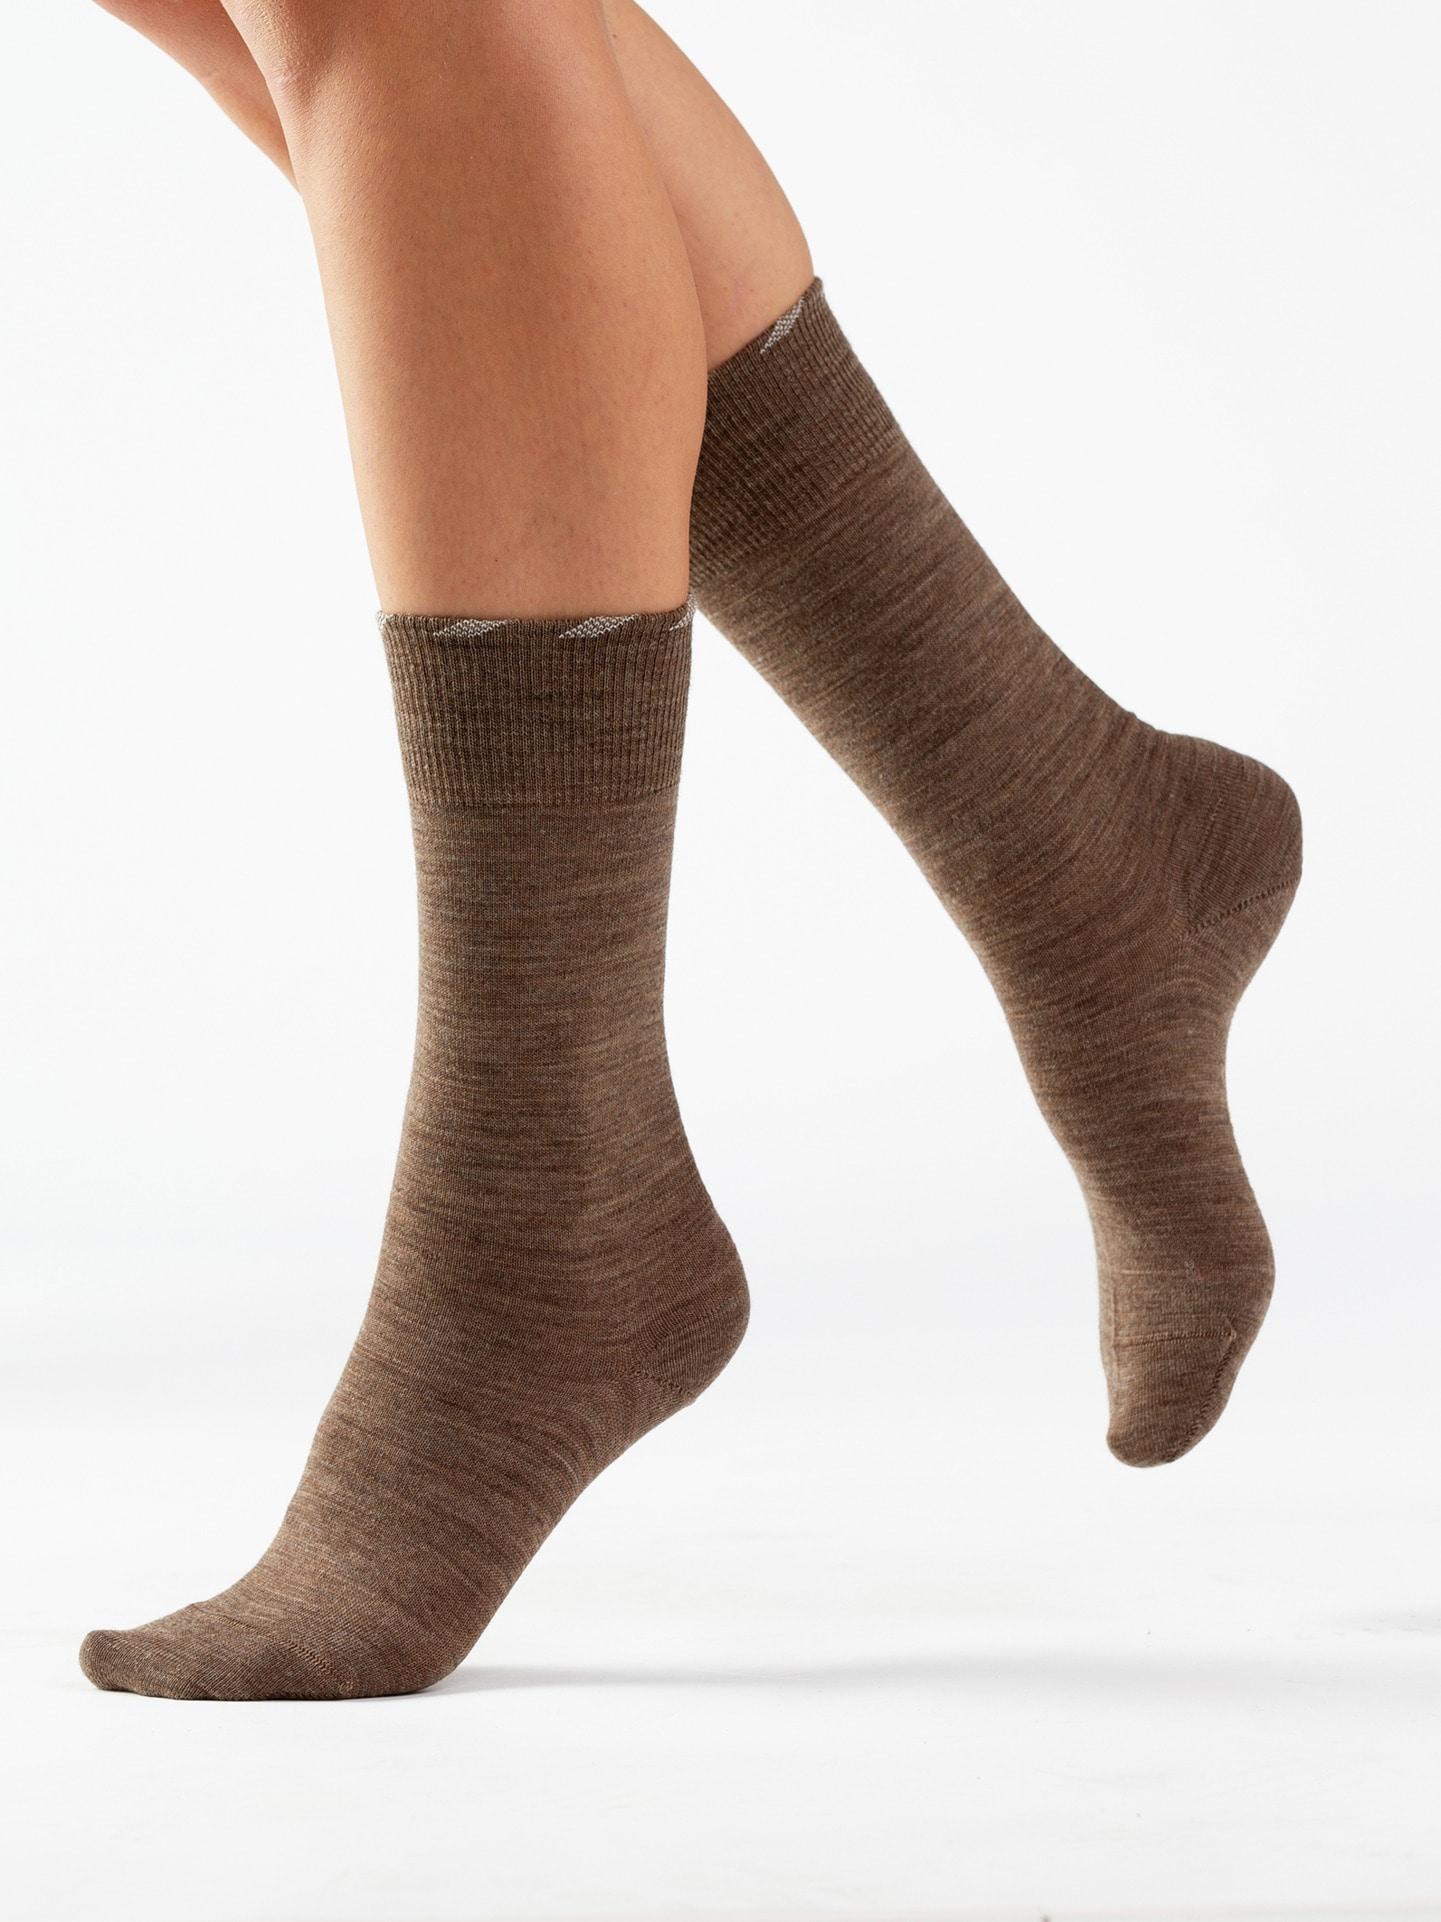 Avena Herren Lambswool-Socke antibakt. 2 Paar Beige 21-5088-6